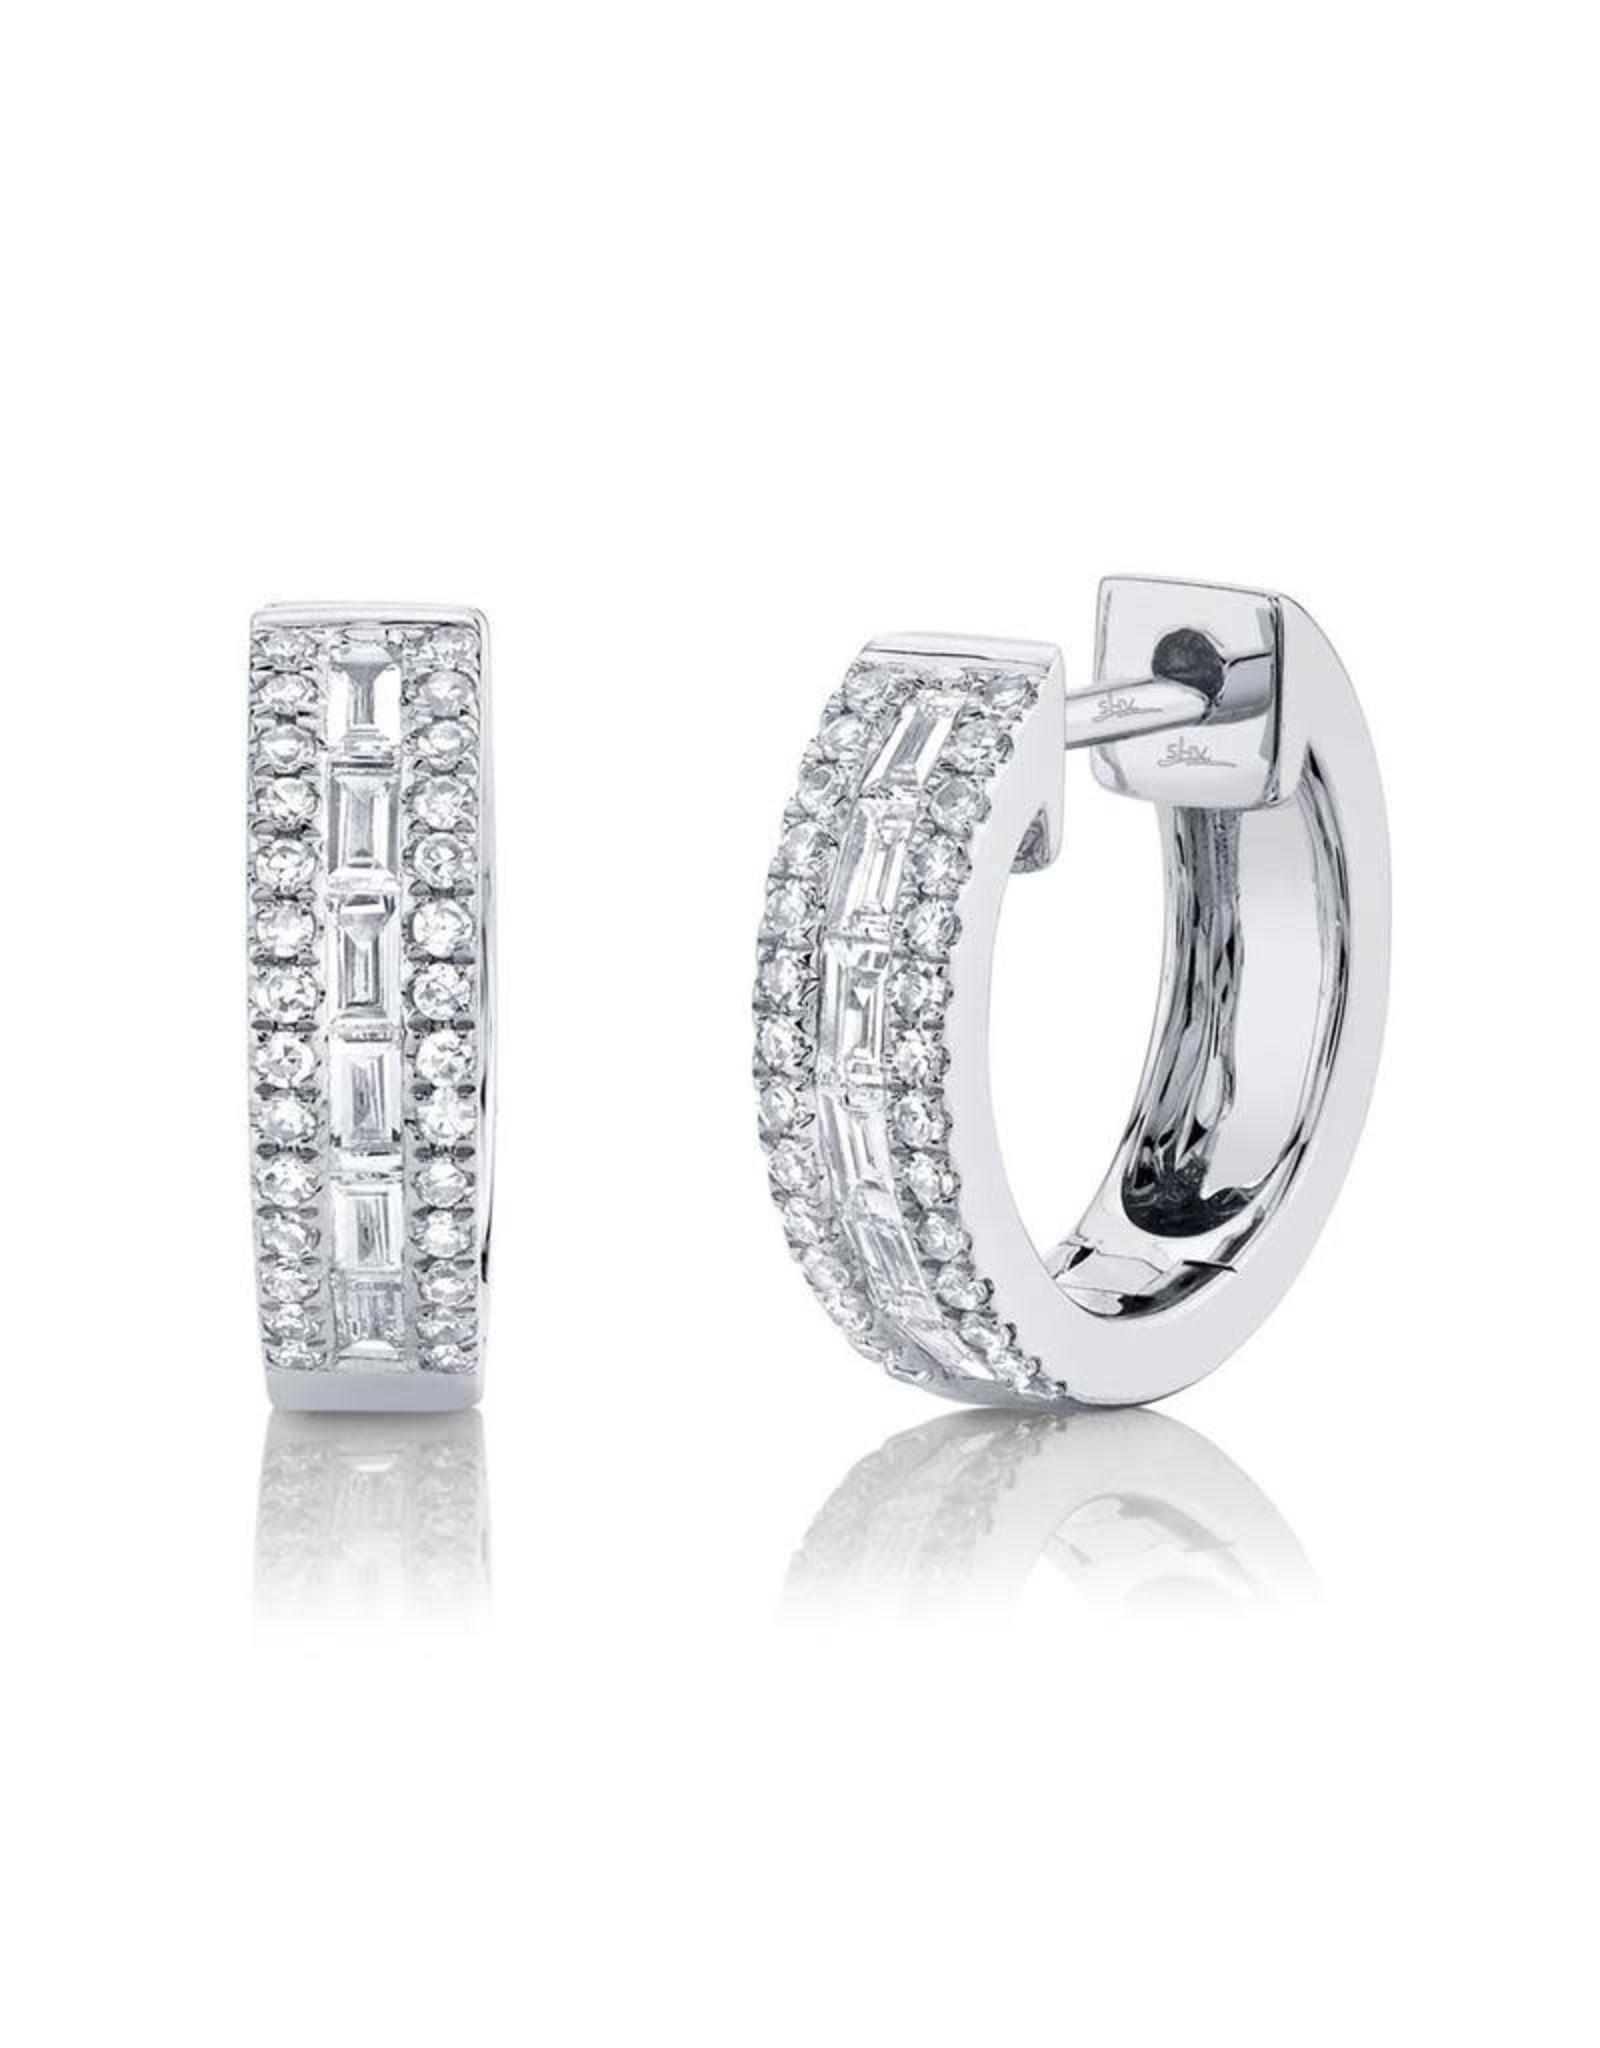 14K White Gold Diamond Baguette Huggie Earrings, D: 0.34ct